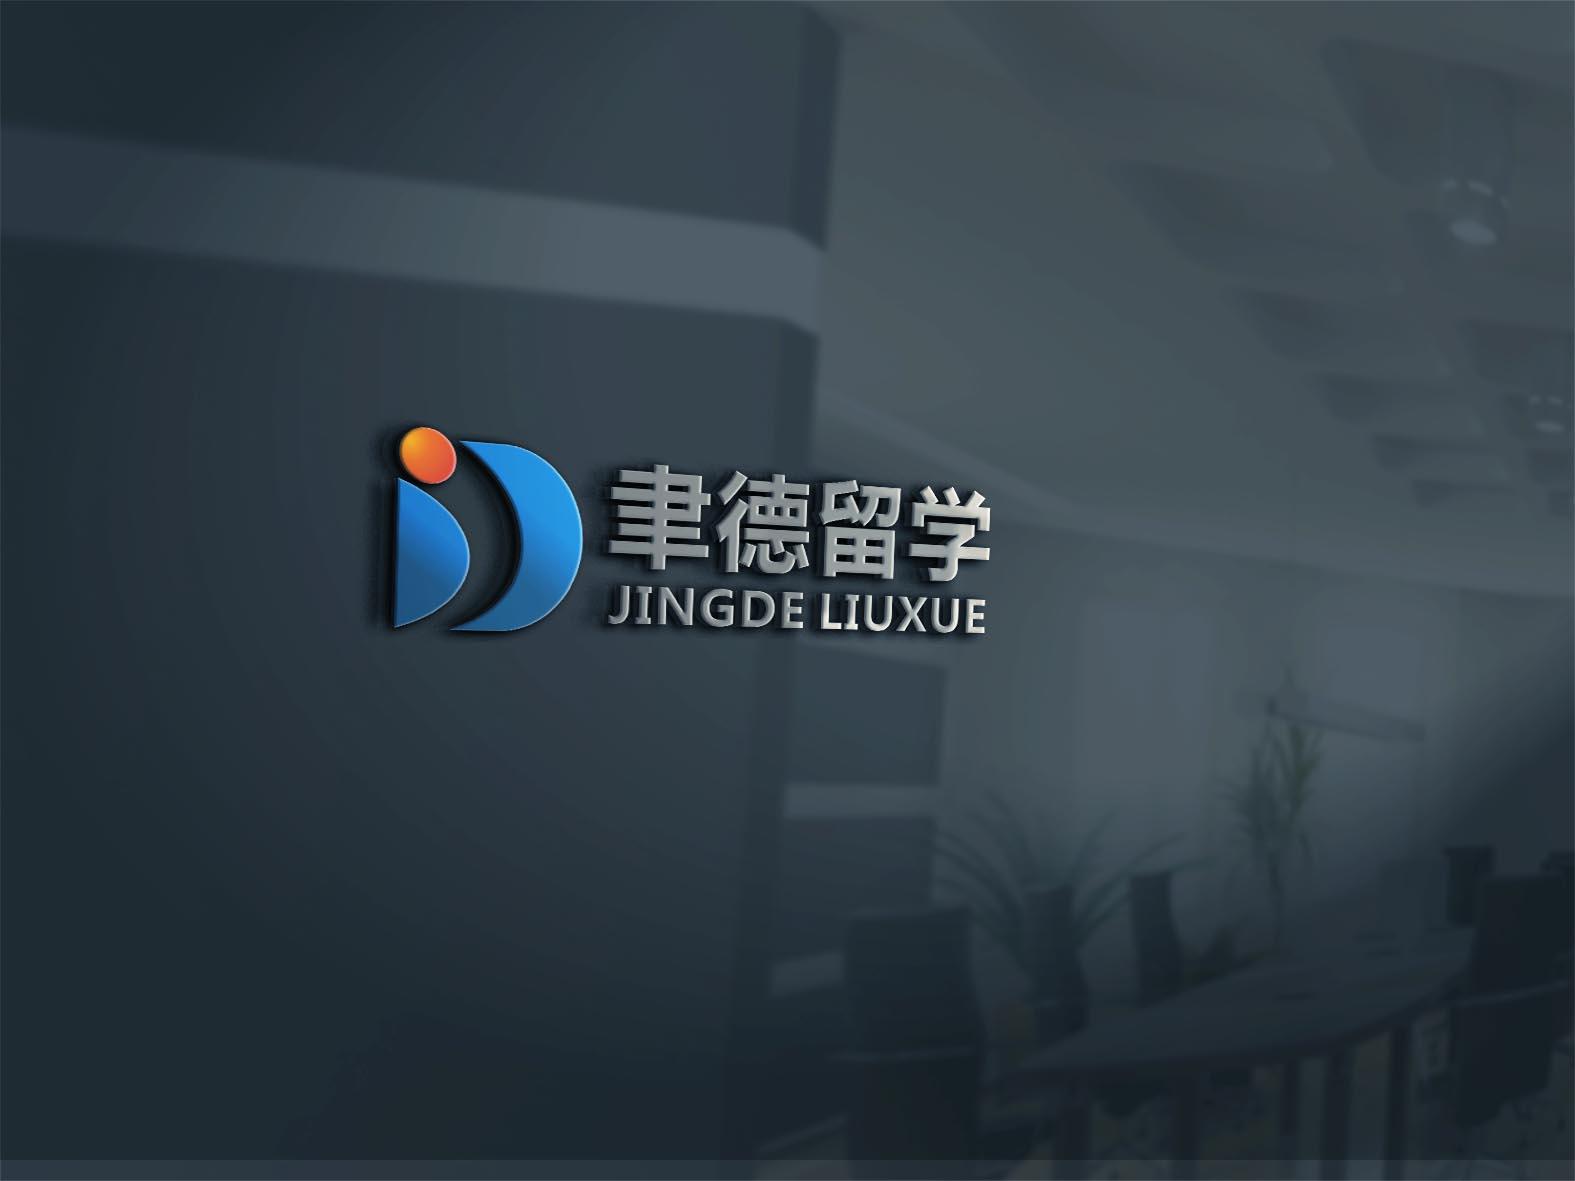 留学咨询公司标志设计_2963906_k68威客网